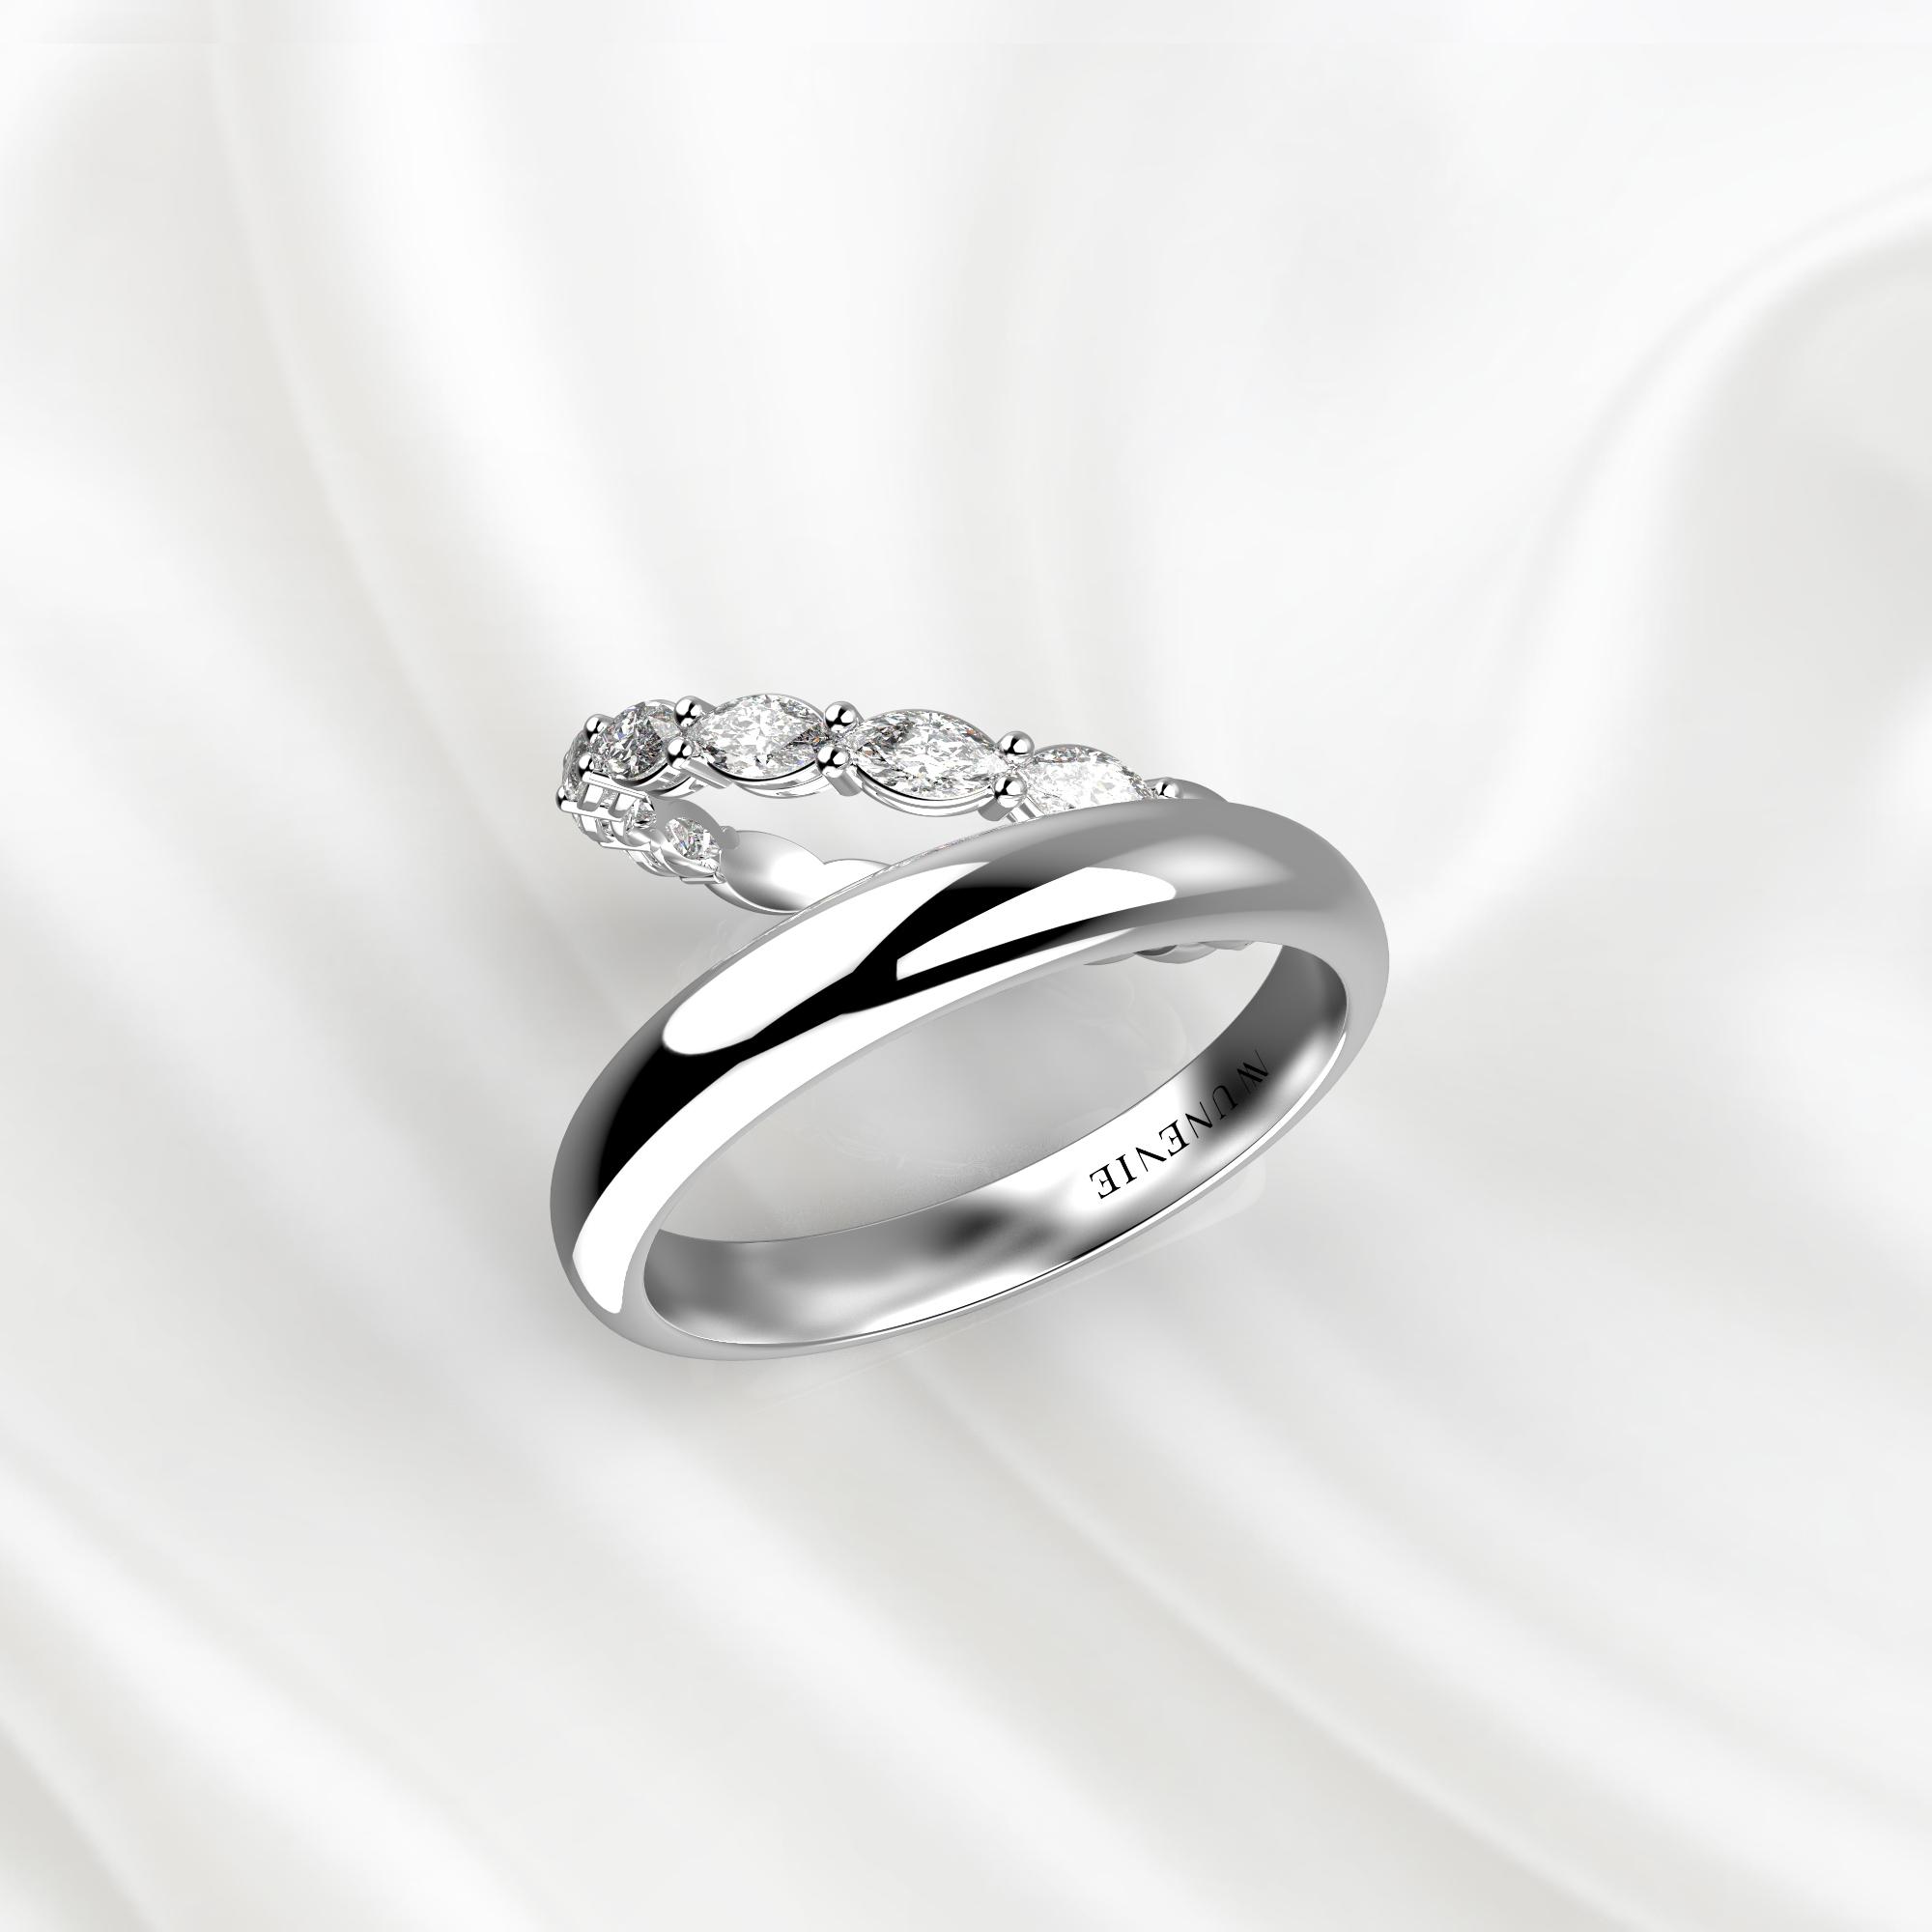 NV78 Парные обручальные кольца из белого золота с бриллиантами